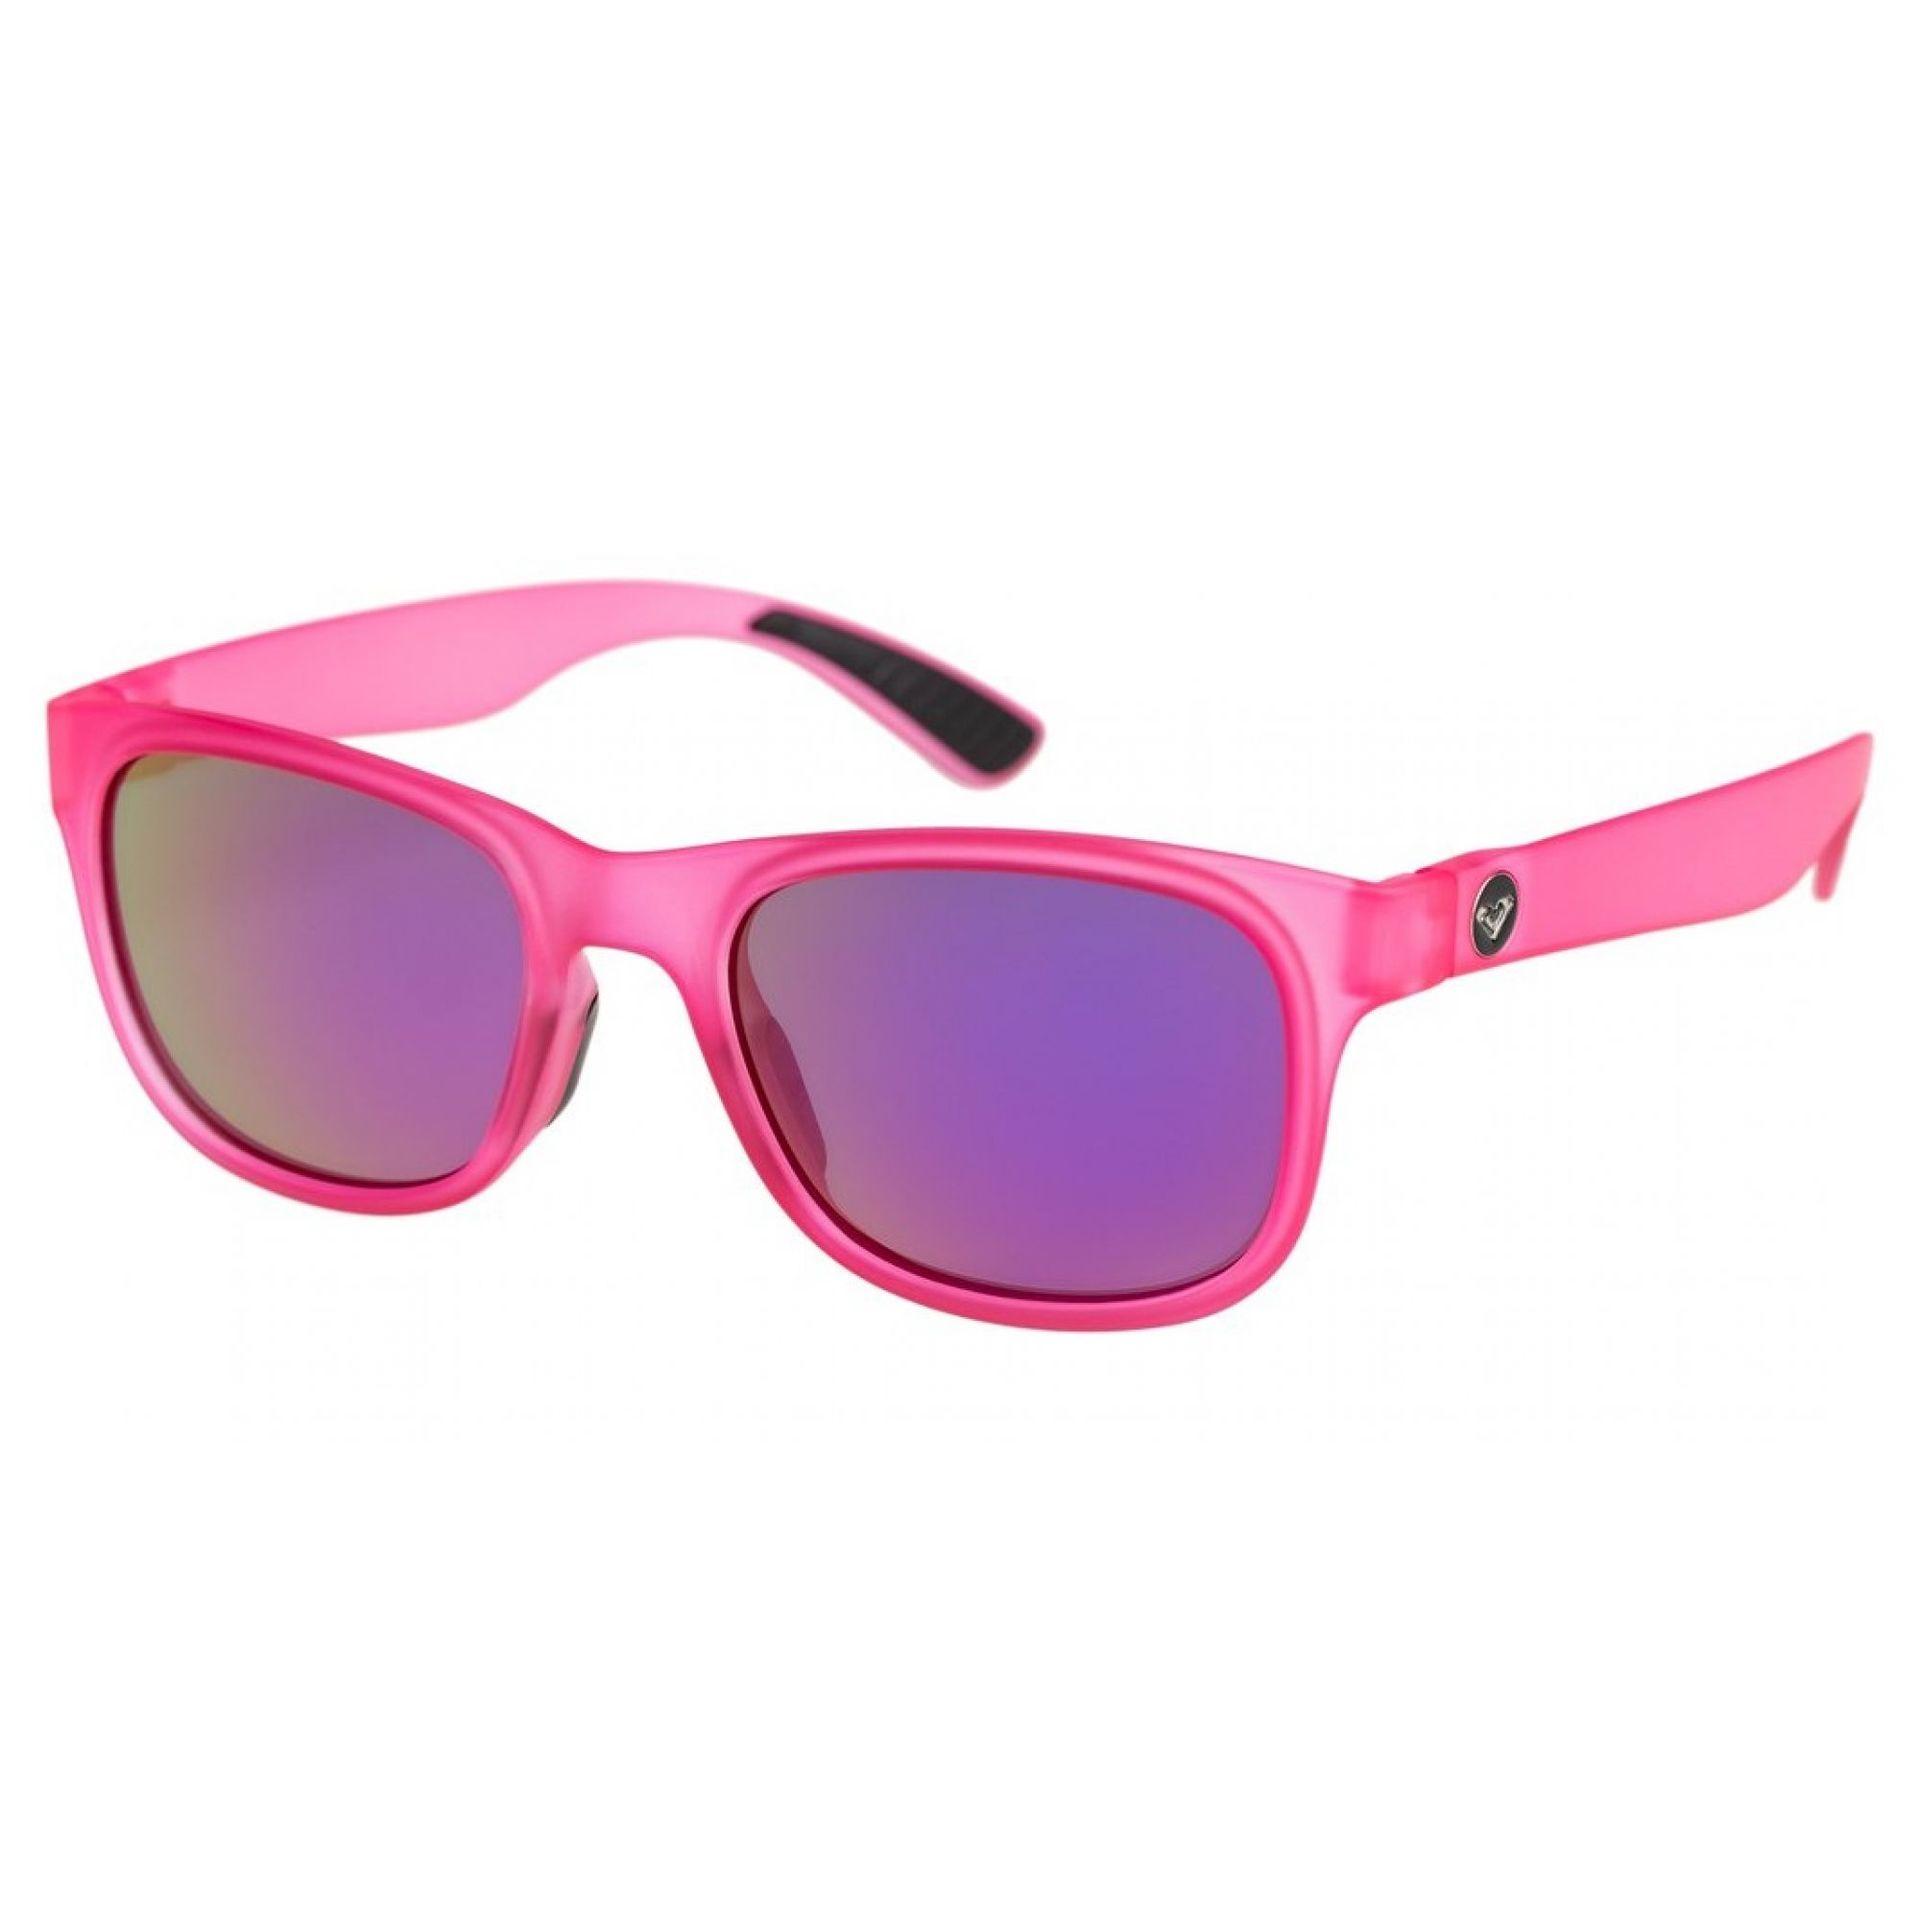 Okulary Roxy Runaway różowy.